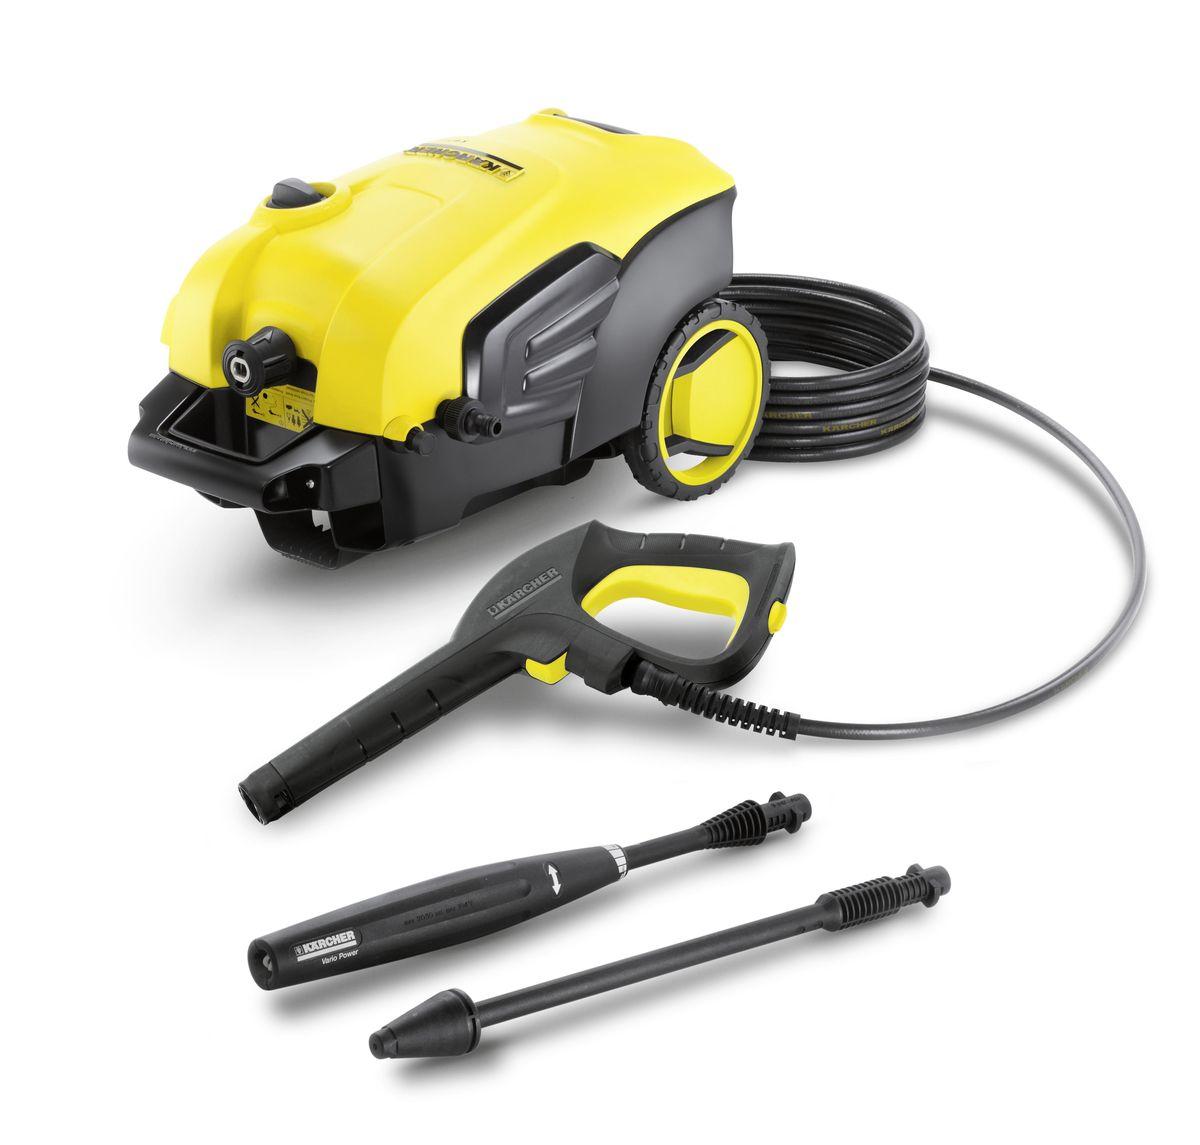 Мойка высокого давления Karcher K 5 Compact, цвет: желтый, черный1.630-720.0Мойка высокого давления Karcher K 5 Compact подходит для эффективной очистки умеренно загрязненных автомобилей, велосипедов и фасадов домов. Она оснащена мощным двигателем водяного охлаждения, а в комплект поставки входят пистолет с разъемом Quick Connect, 8-метровый шланг высокого давления, струйная трубка Vario Power и грязевая фреза. Водяной фильтр надежно защищает насос двигателя от повреждения. Шланг высокого давления быстро и легко присоединяется к мойке и отсоединяется от нее, что экономит время и силы. Большие колеса и эргономичная ручка, устанавливаемая на оптимальной высоте, облегчают перемещение. Мойка высокого давления оснащена встроенной системой всасывания чистящего средства. Практичная система забора воды позволяет снабжать мойку водой из альтернативных источников, например из бочки или цистерны.Удобные и надежные аппараты высокого давления серии Сompact имеют две ручки для транспортировки, чтобы можно было брать минимойку повсюду. Даже в багажнике автомобиля она не будет занимать много места. Современный двигатель водяного охлаждения впечатляет высокой мощностью и длительным сроком службы. Шланг высокого давления не будет мешаться под ногами, а за счет системы быстрого соединения, время на сборку минимойки существенно сократится.Производительность: 500 л/часДавление: 20 - 145 бар